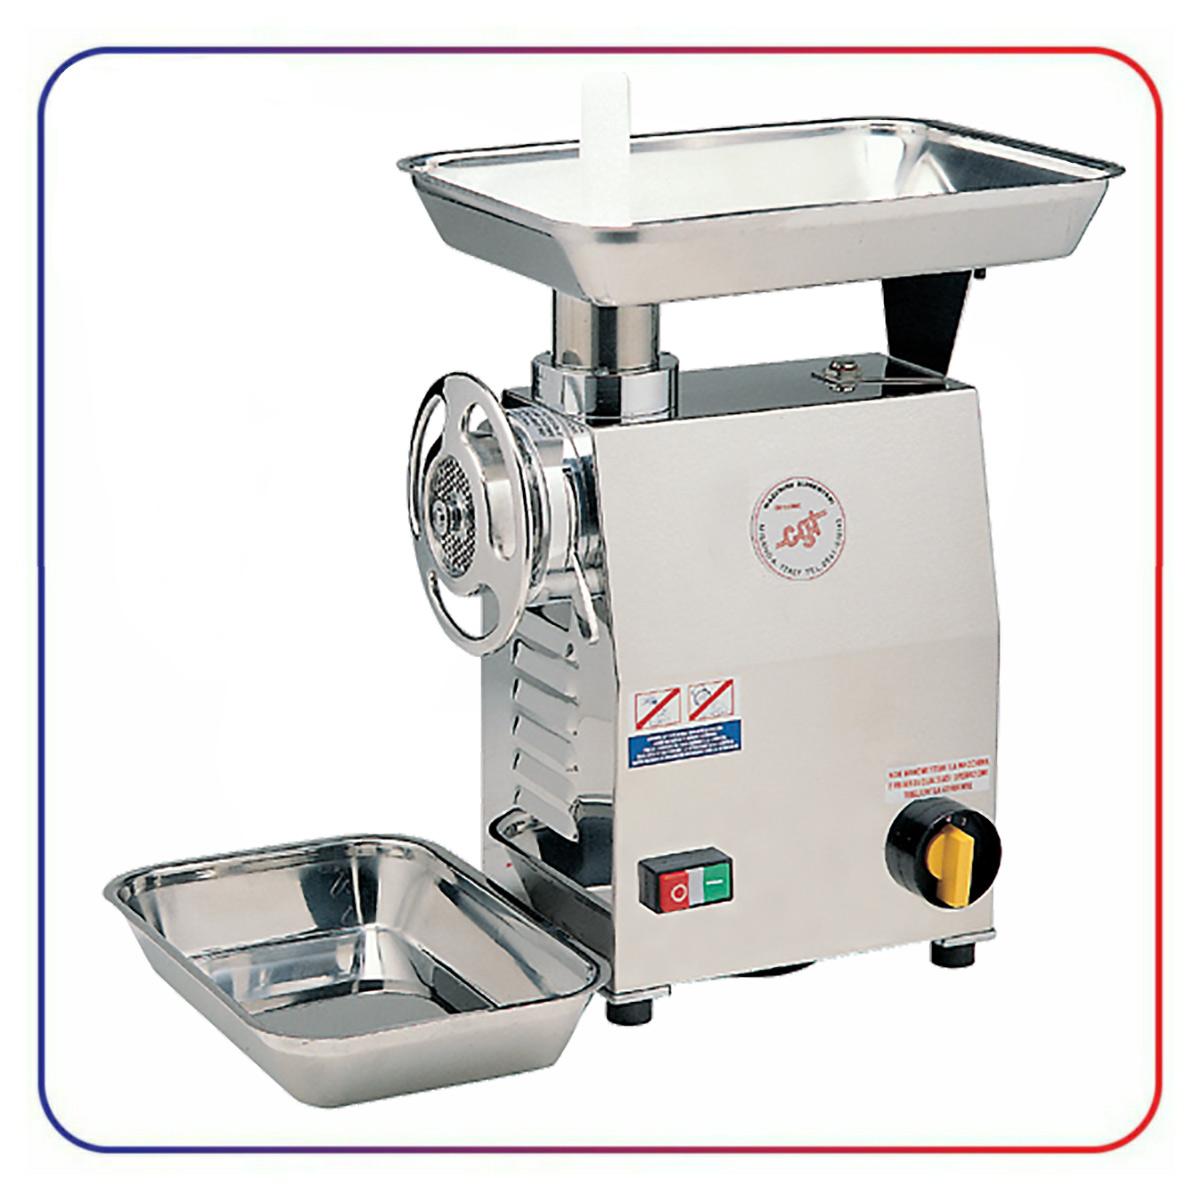 چرخ گوشت سی جی تی 22 ایتالیا CGT 22 MEC